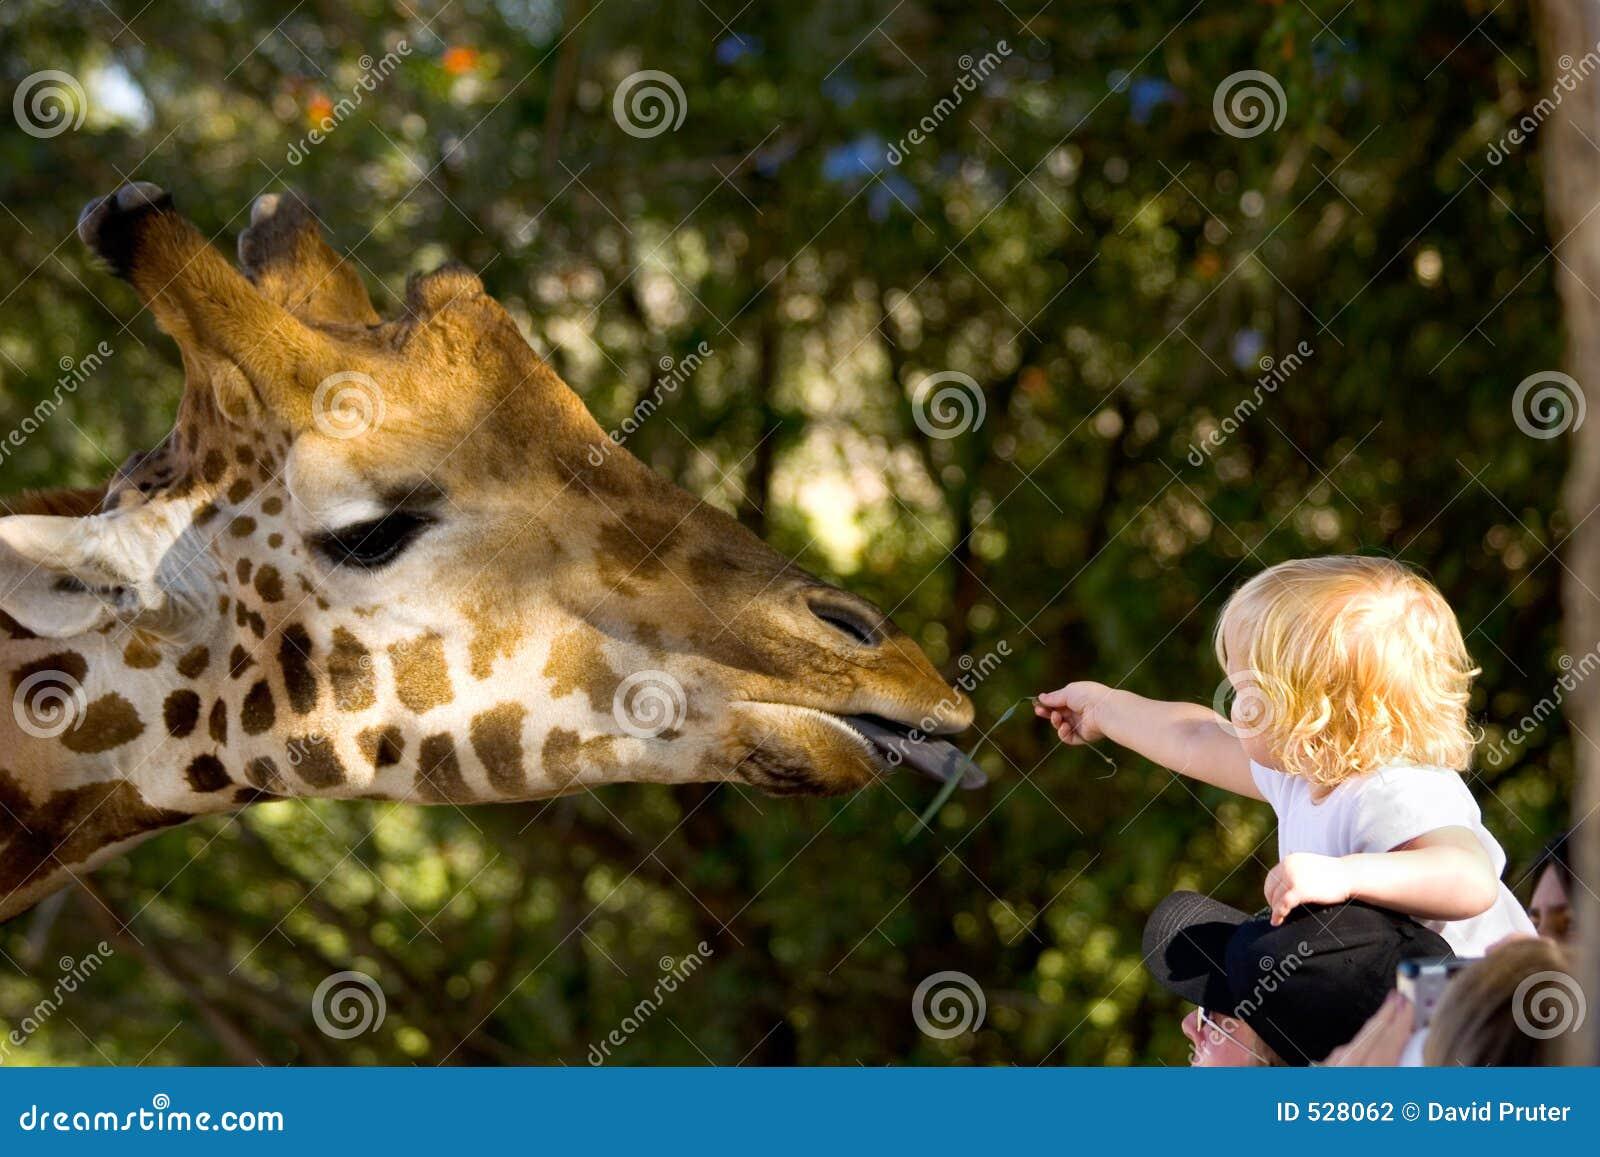 Alimentação de crianças um Giraffe